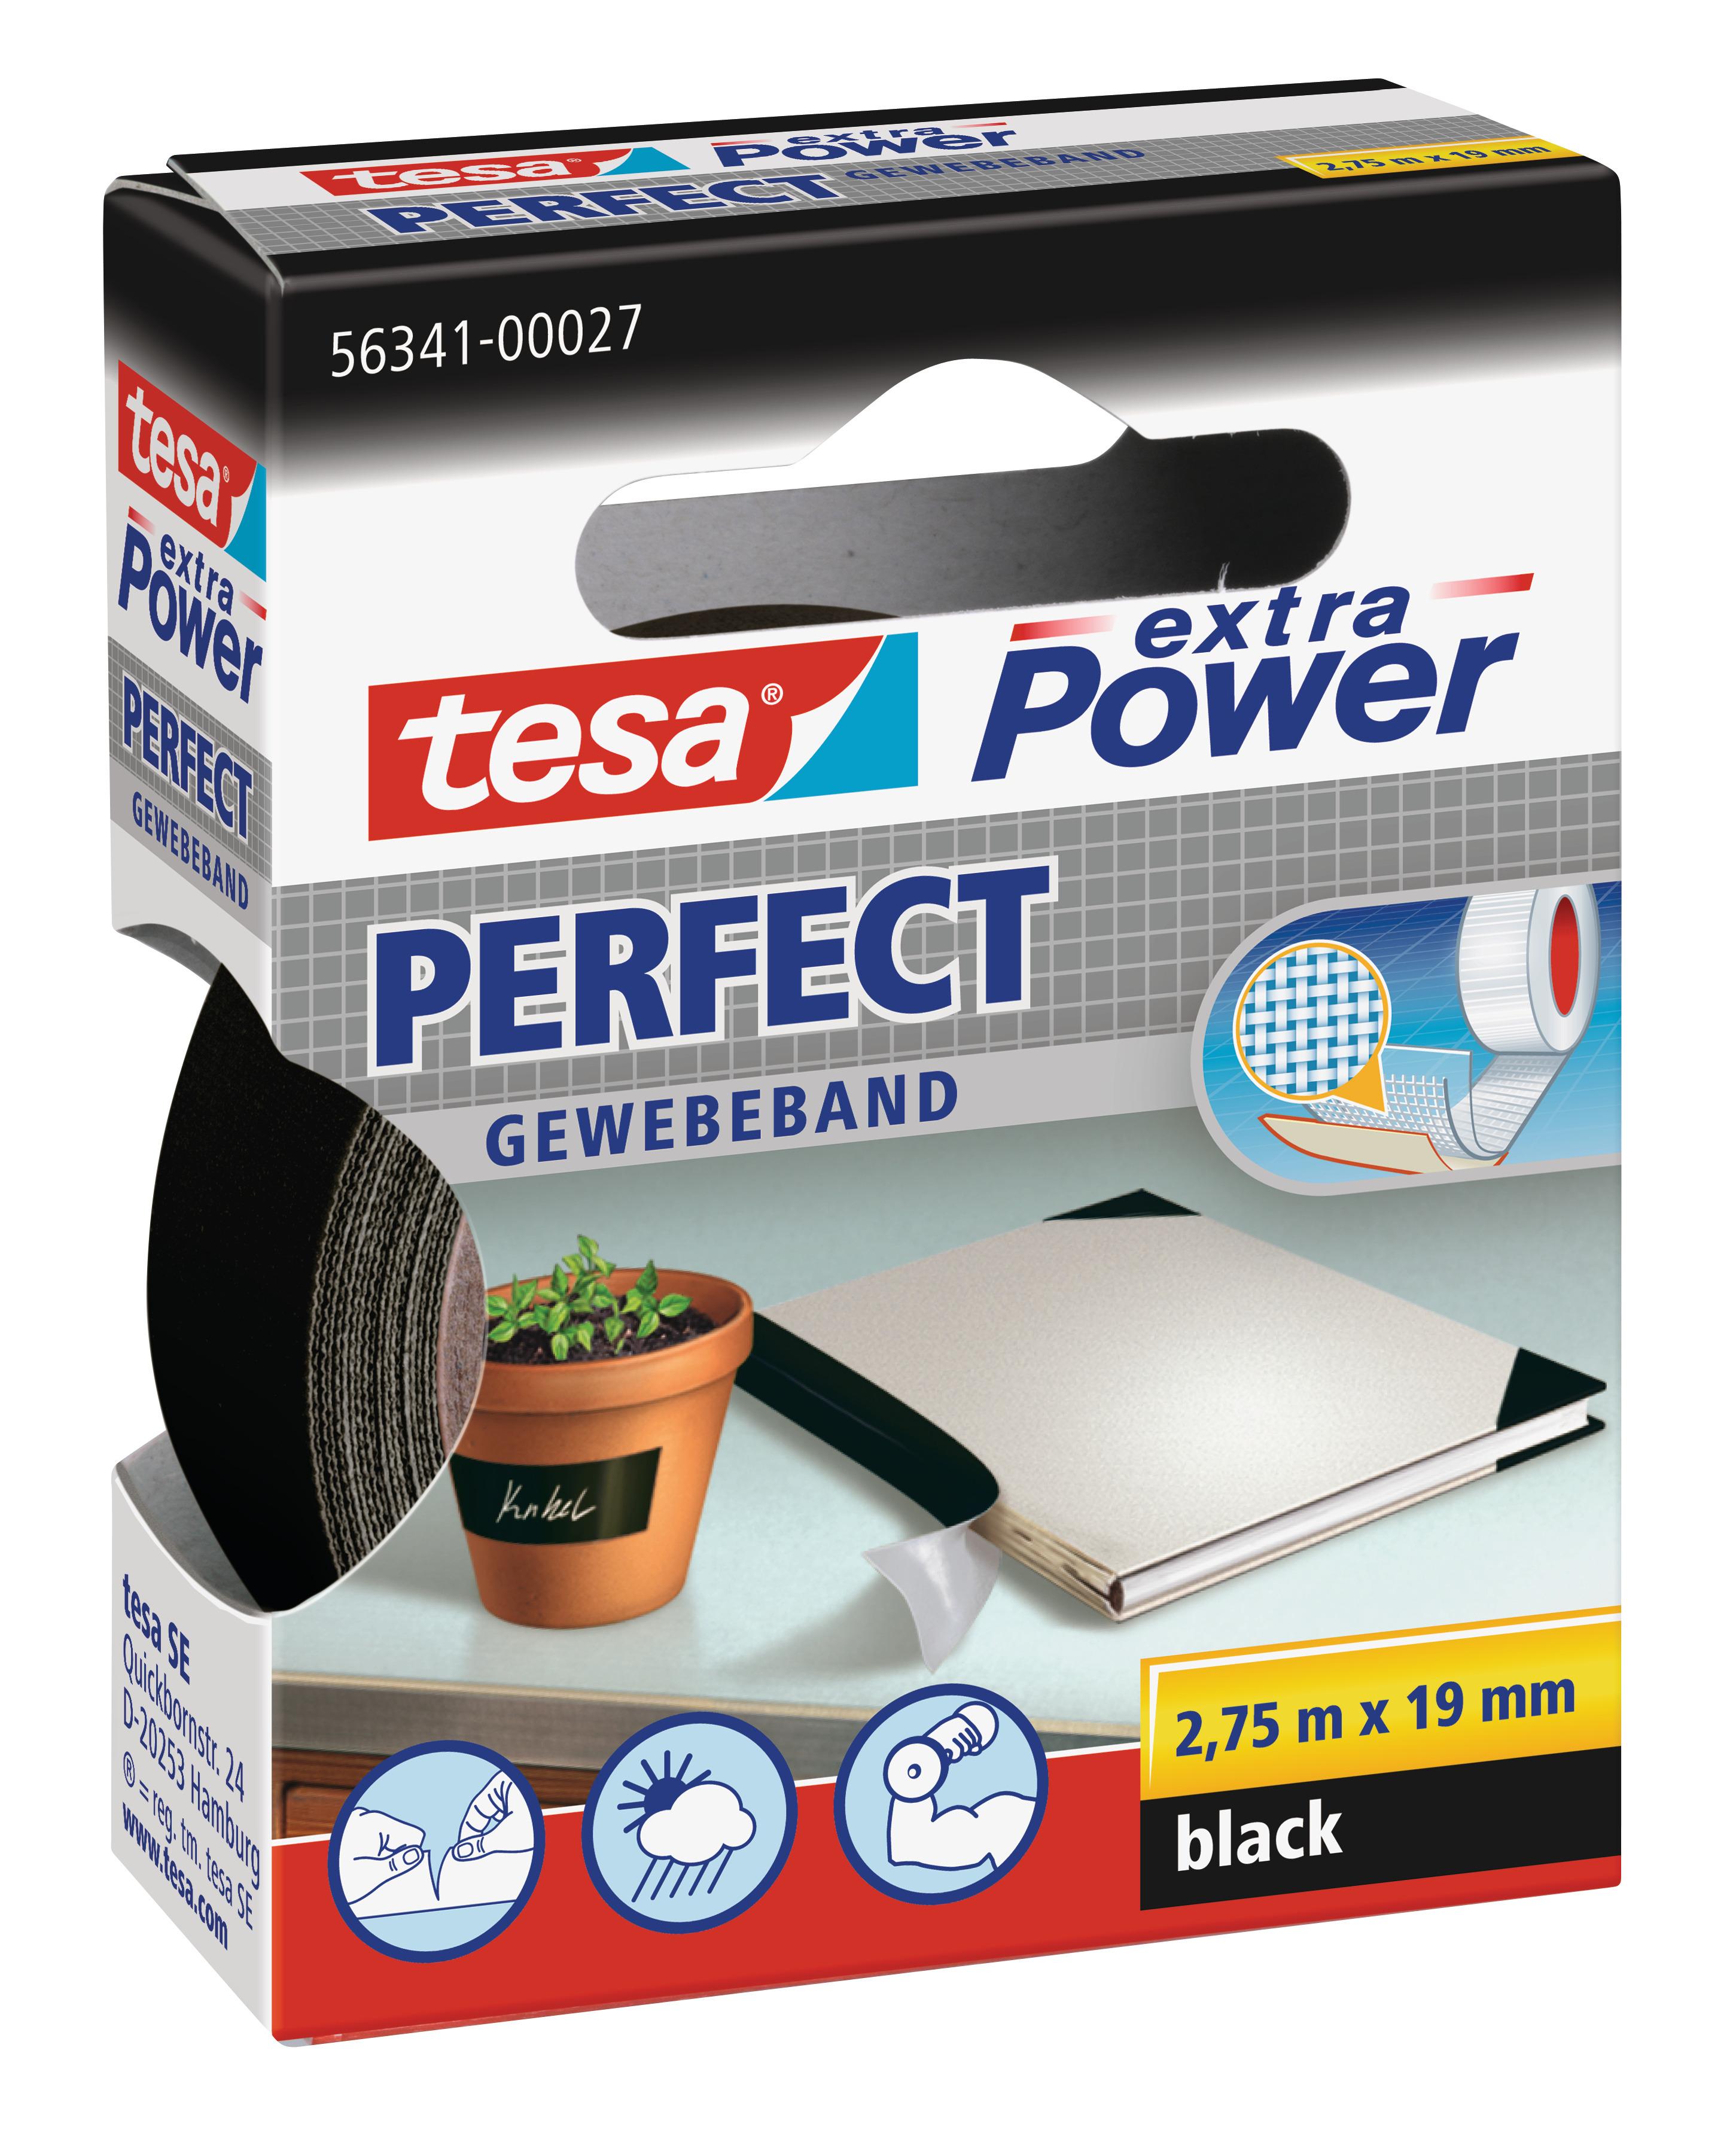 Vorschau: GP: 0,72 EUR/m tesa extra Power Perfect Gewebeband schwarz 2,75m x 19mm